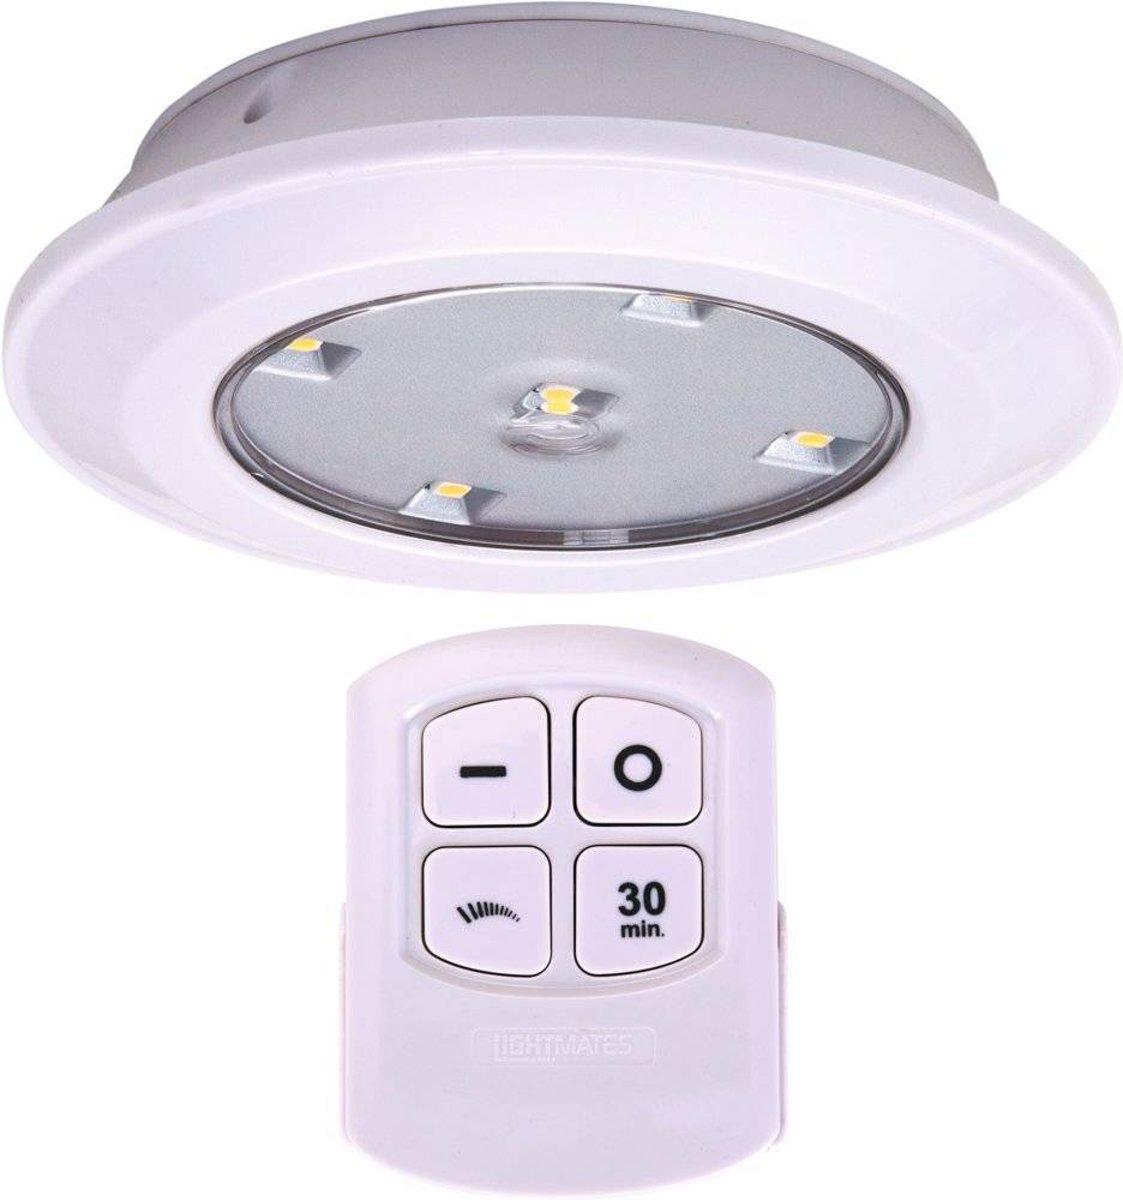 Zelfklevende Led Lampen : Bol led lampenset delig met afstandbediening werkt op